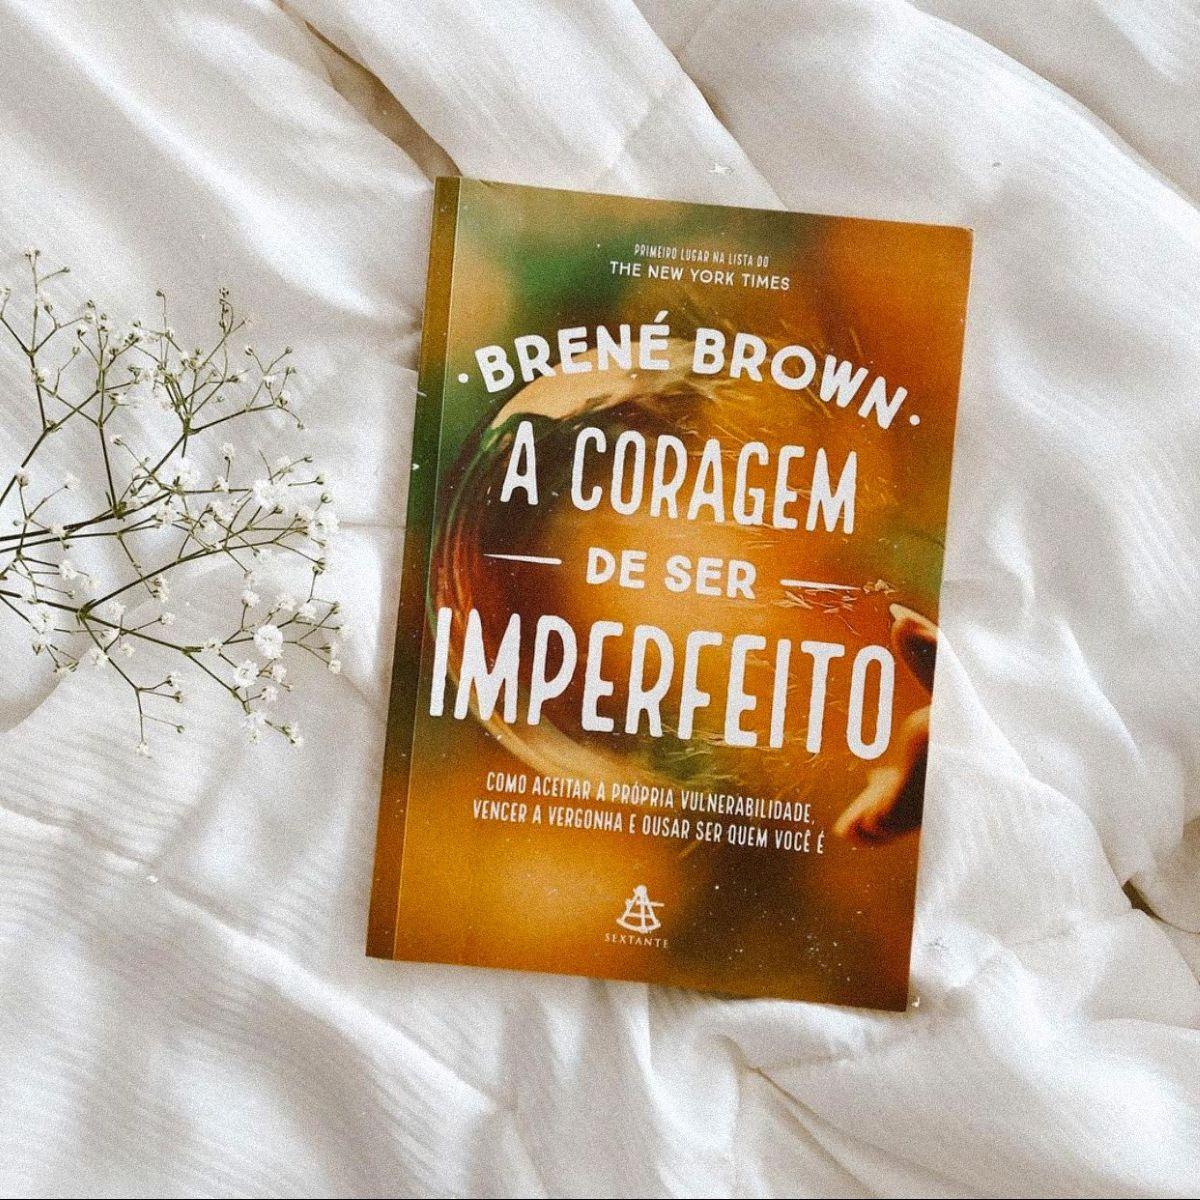 A coragem de ser imperfeito